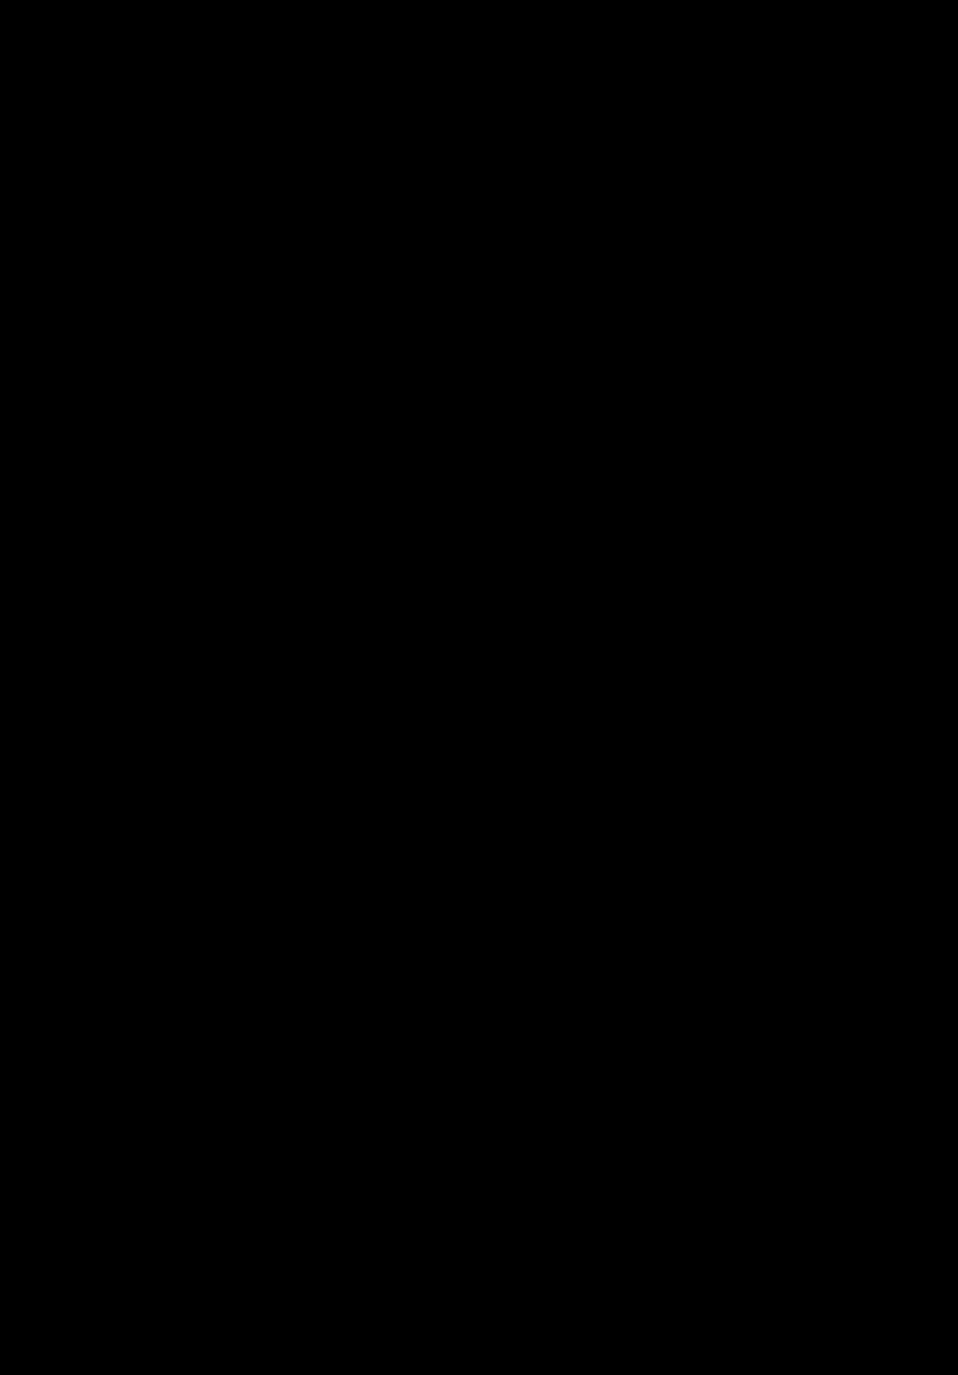 Clip art image id. Crow clipart public domain